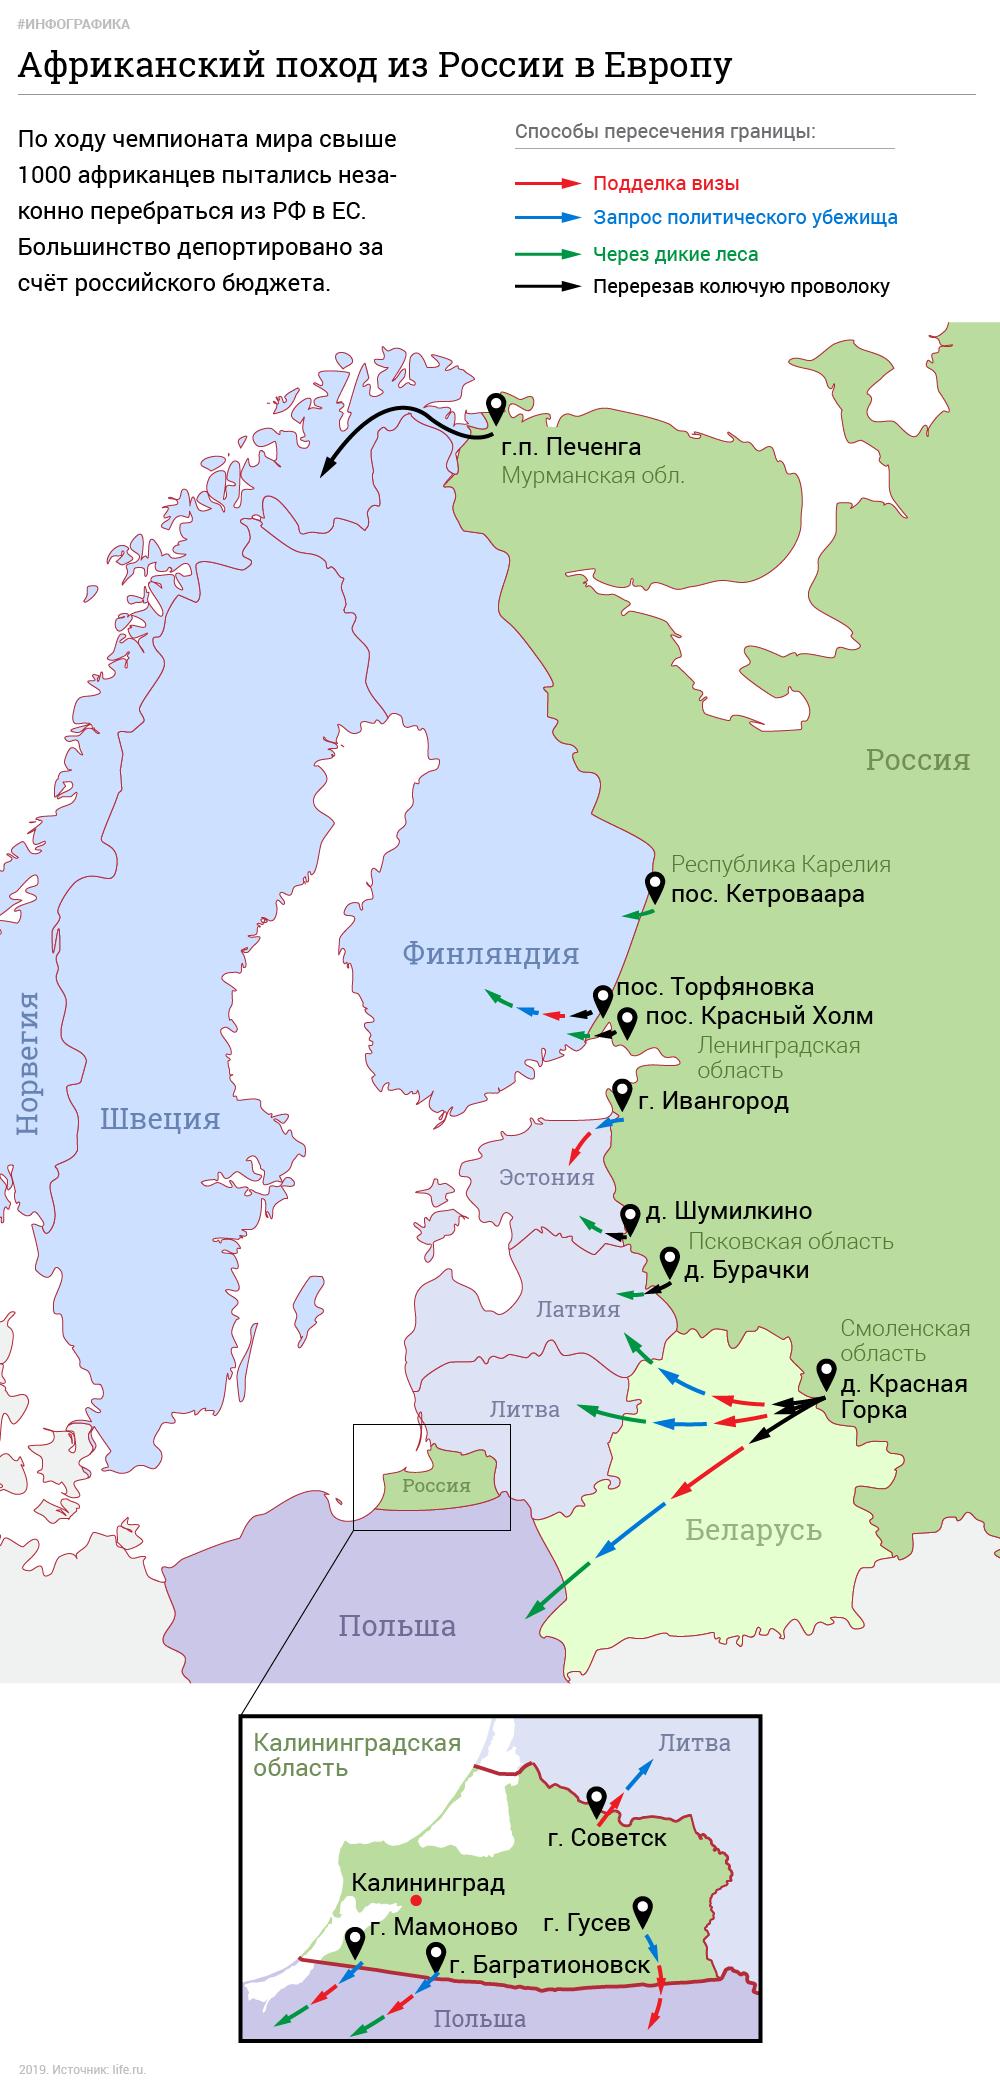 Инфографика Life.ru